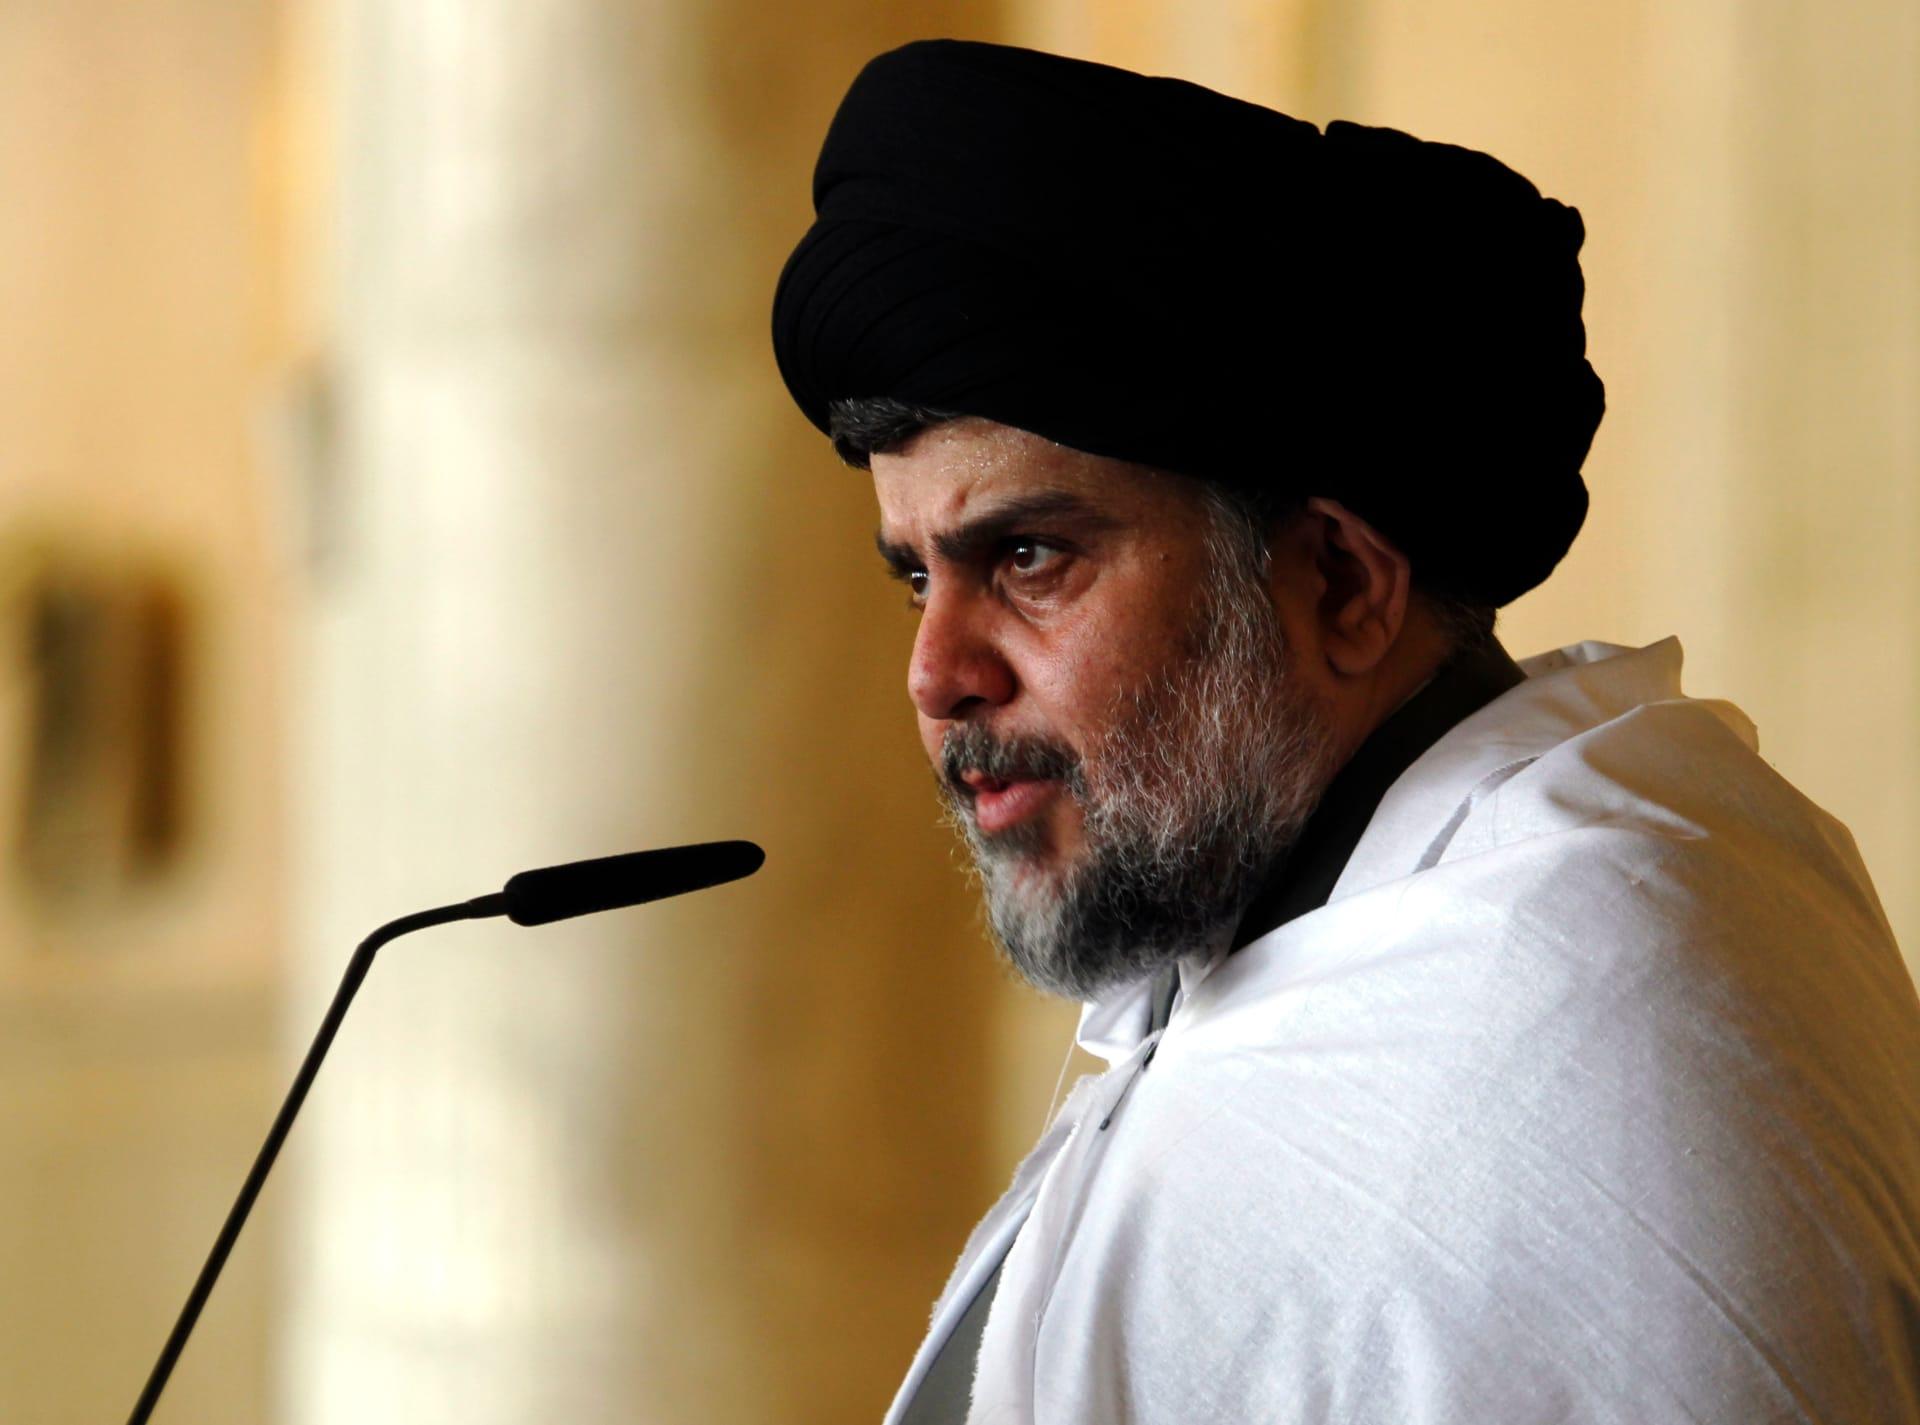 مقتدى الصدر: علي الرئاسات الثلاث فتح تحقيق عادل في أحداث ساحة التحرير